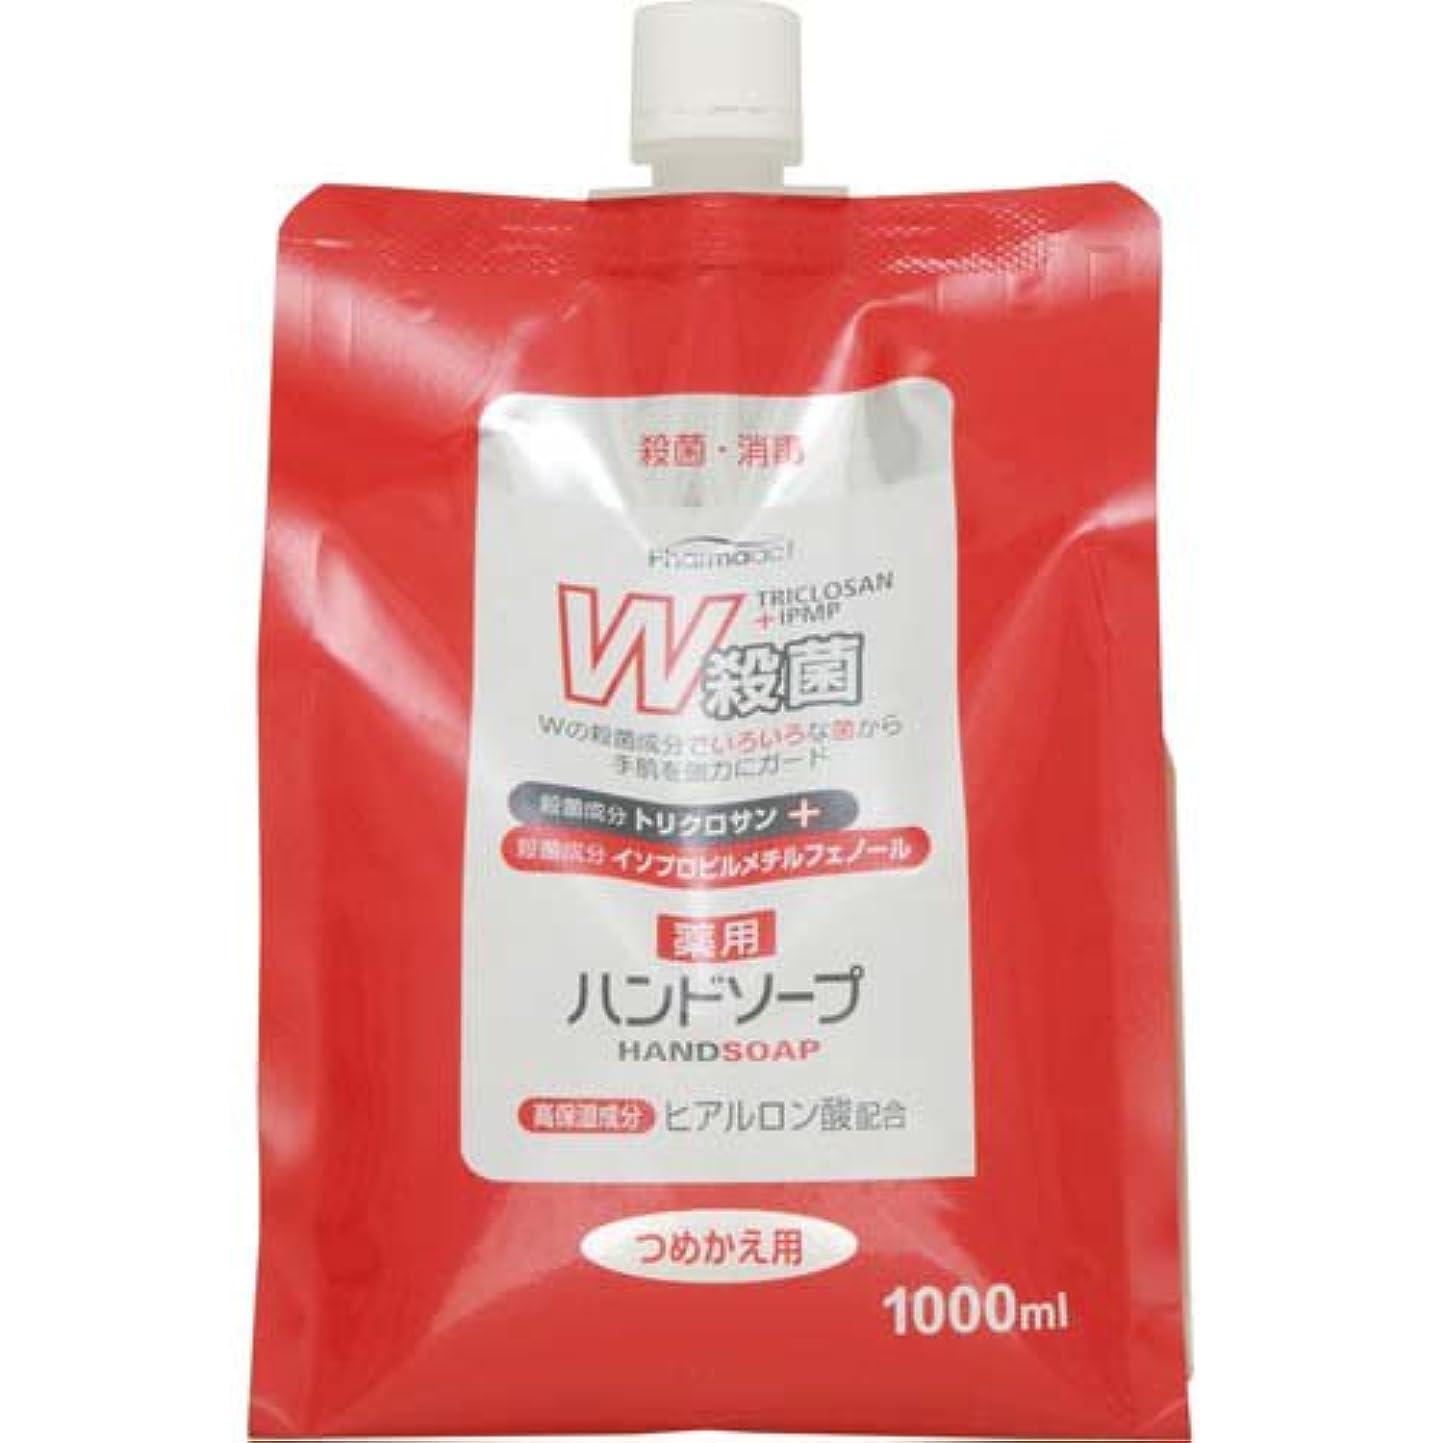 成長する環境フローティングファーマアクト W殺菌薬用ハンドソープ スパウト付き詰替 1000ml